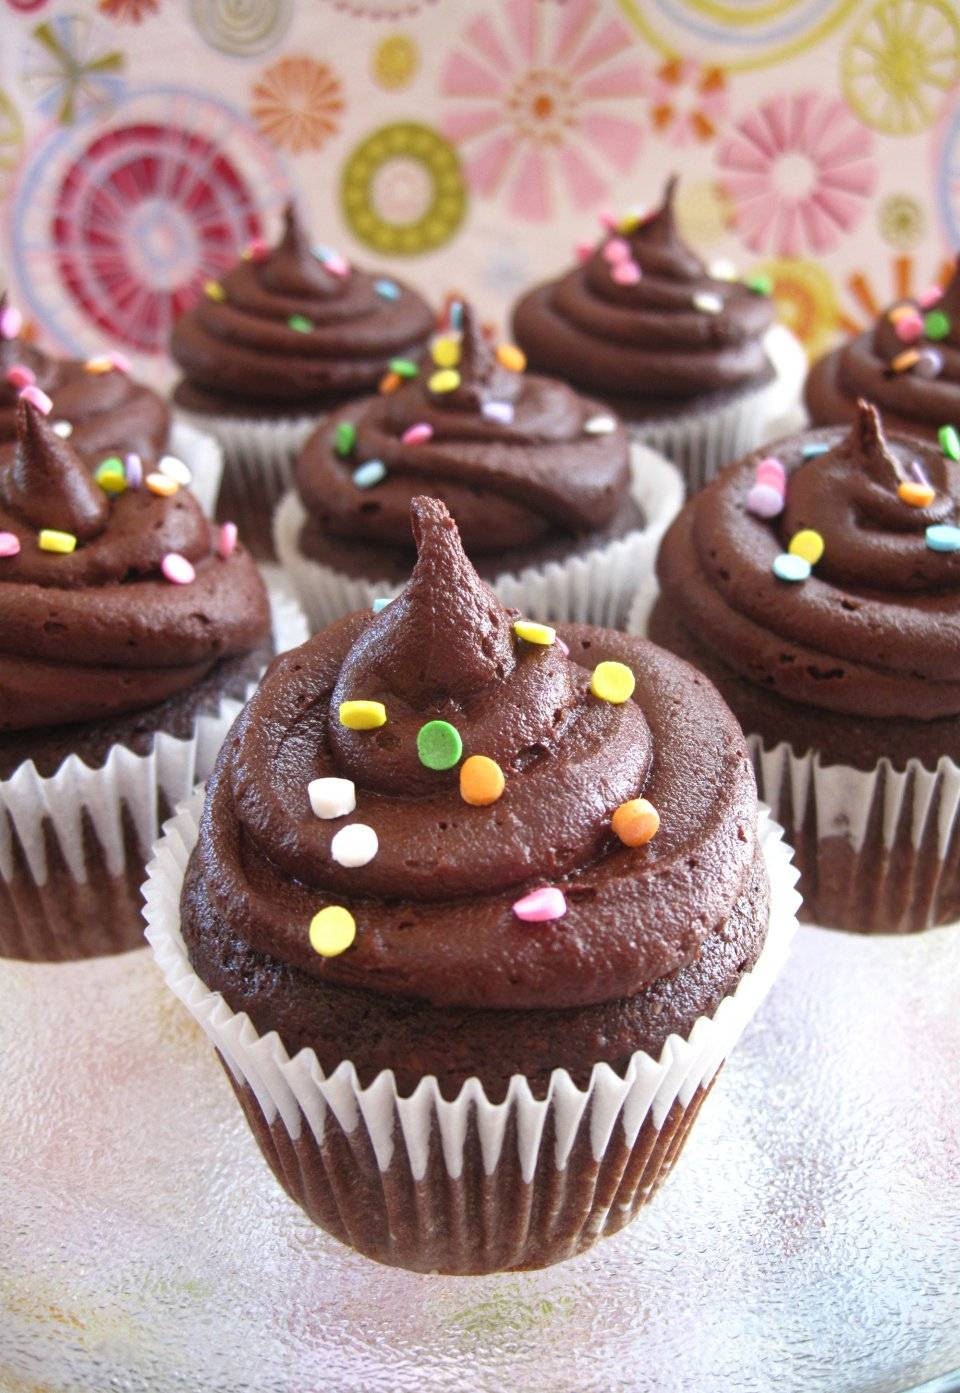 Глазурь для кексов, белая и шоколадная: 3 простых рецепта